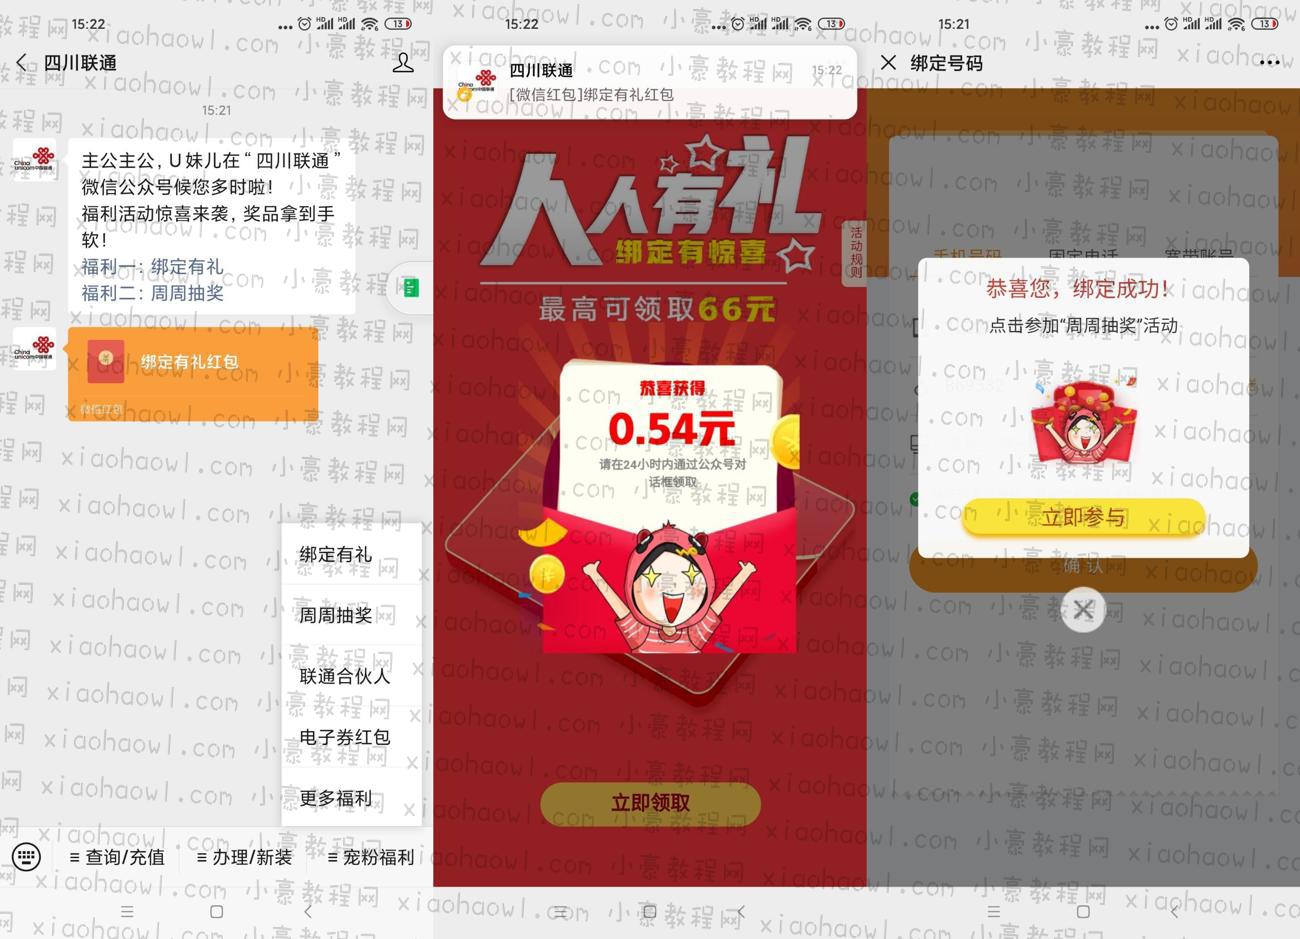 微信关注四川联通领随机红包